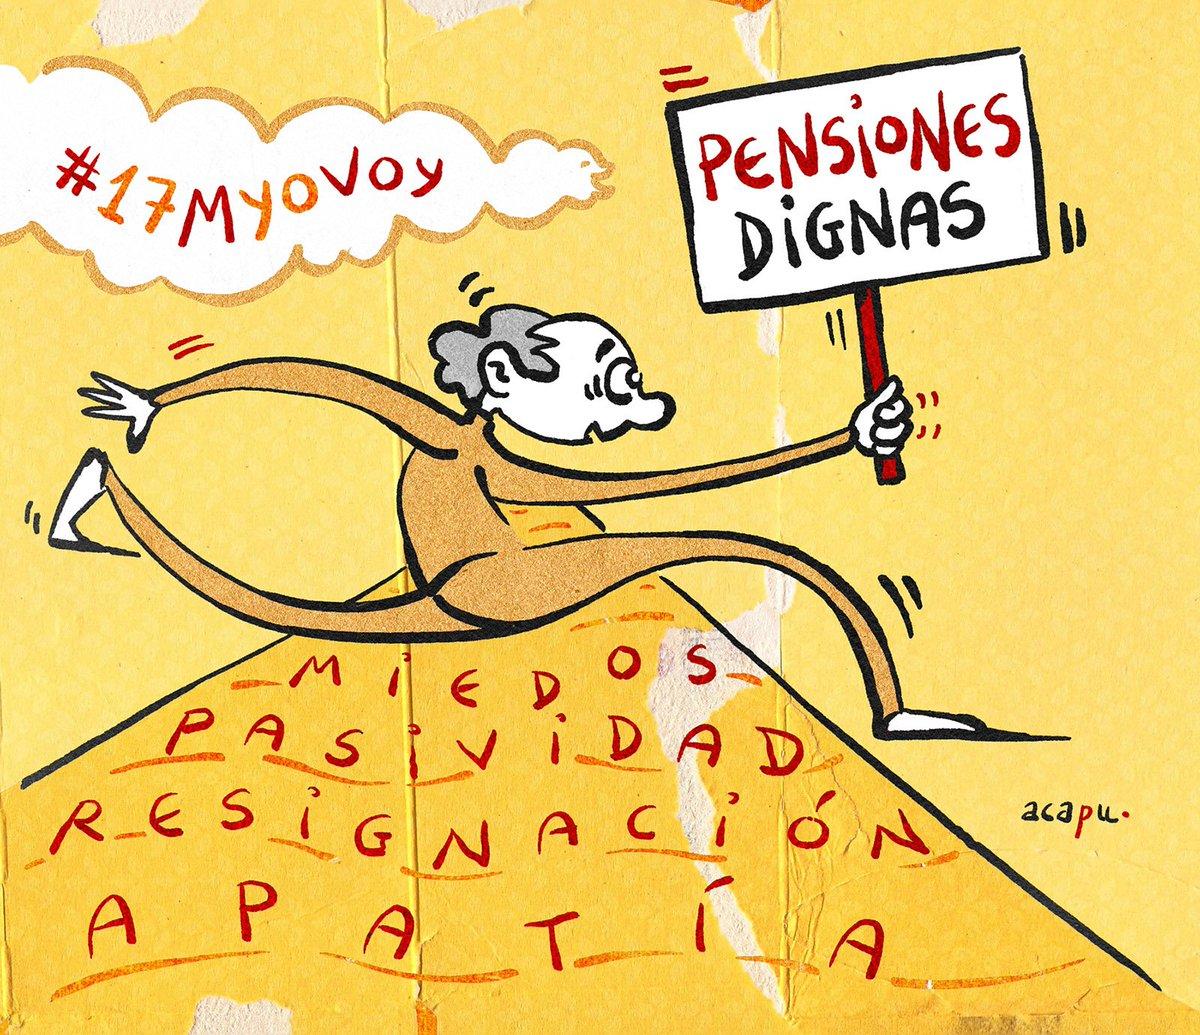 #17MarzoYoVoy #17MYoVoy #17Marzo #PensionesDignas